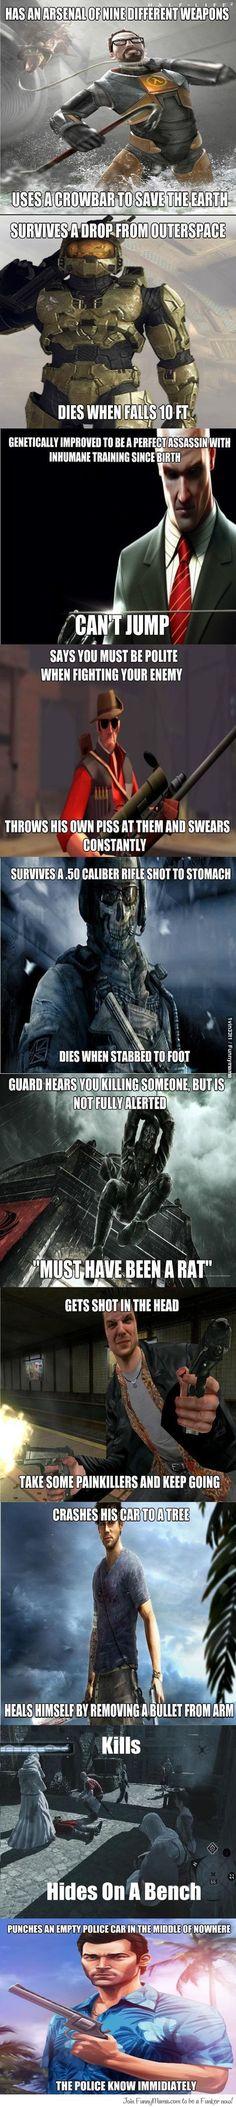 Game logic.